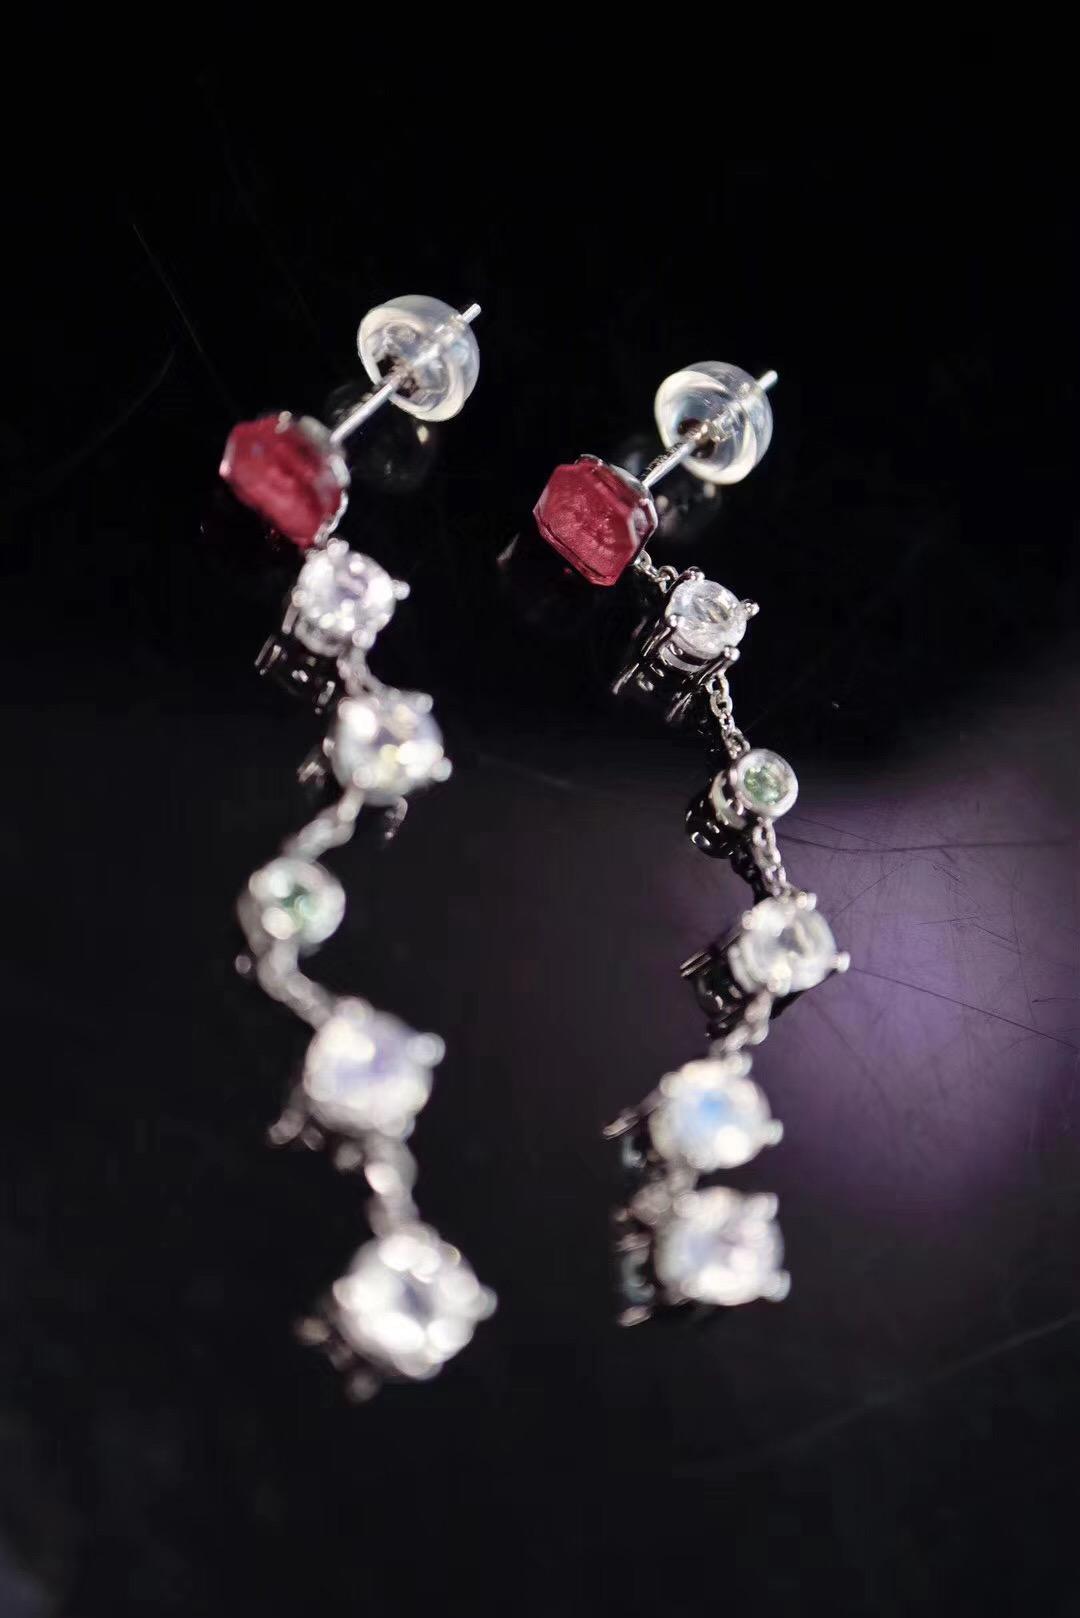 【月光石、碧玺】瘦脸神器月光石唯美耳环,长度刚刚好-菩心晶舍